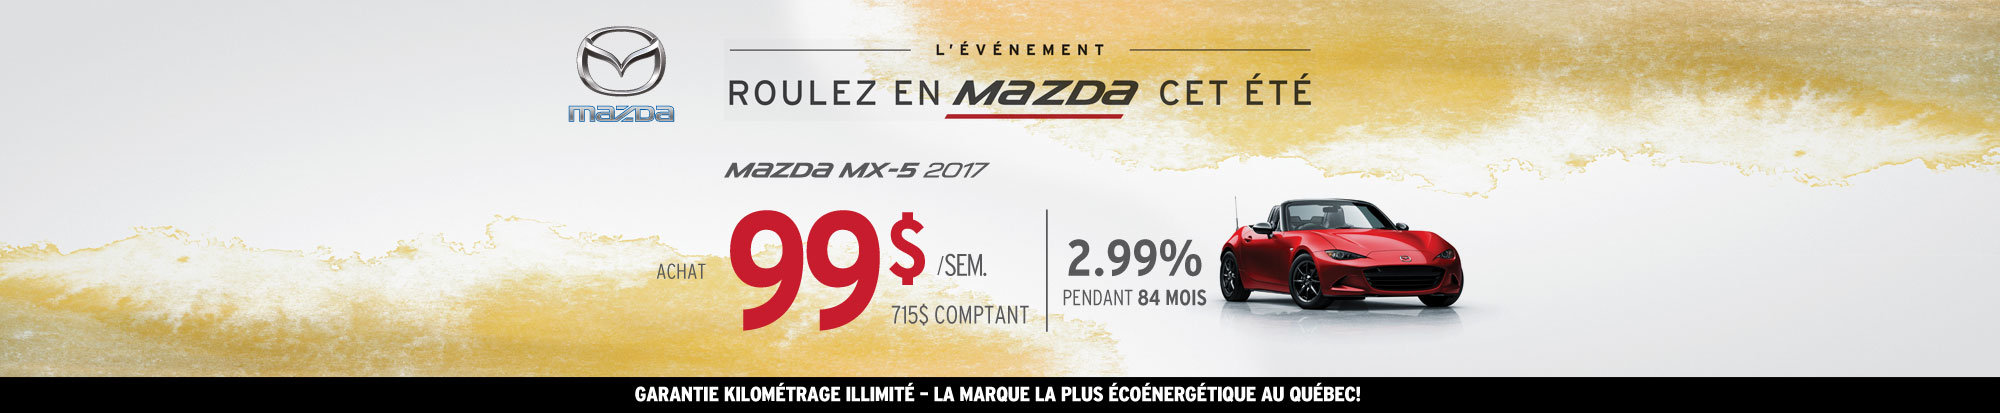 Mazda MX-5 2017 web